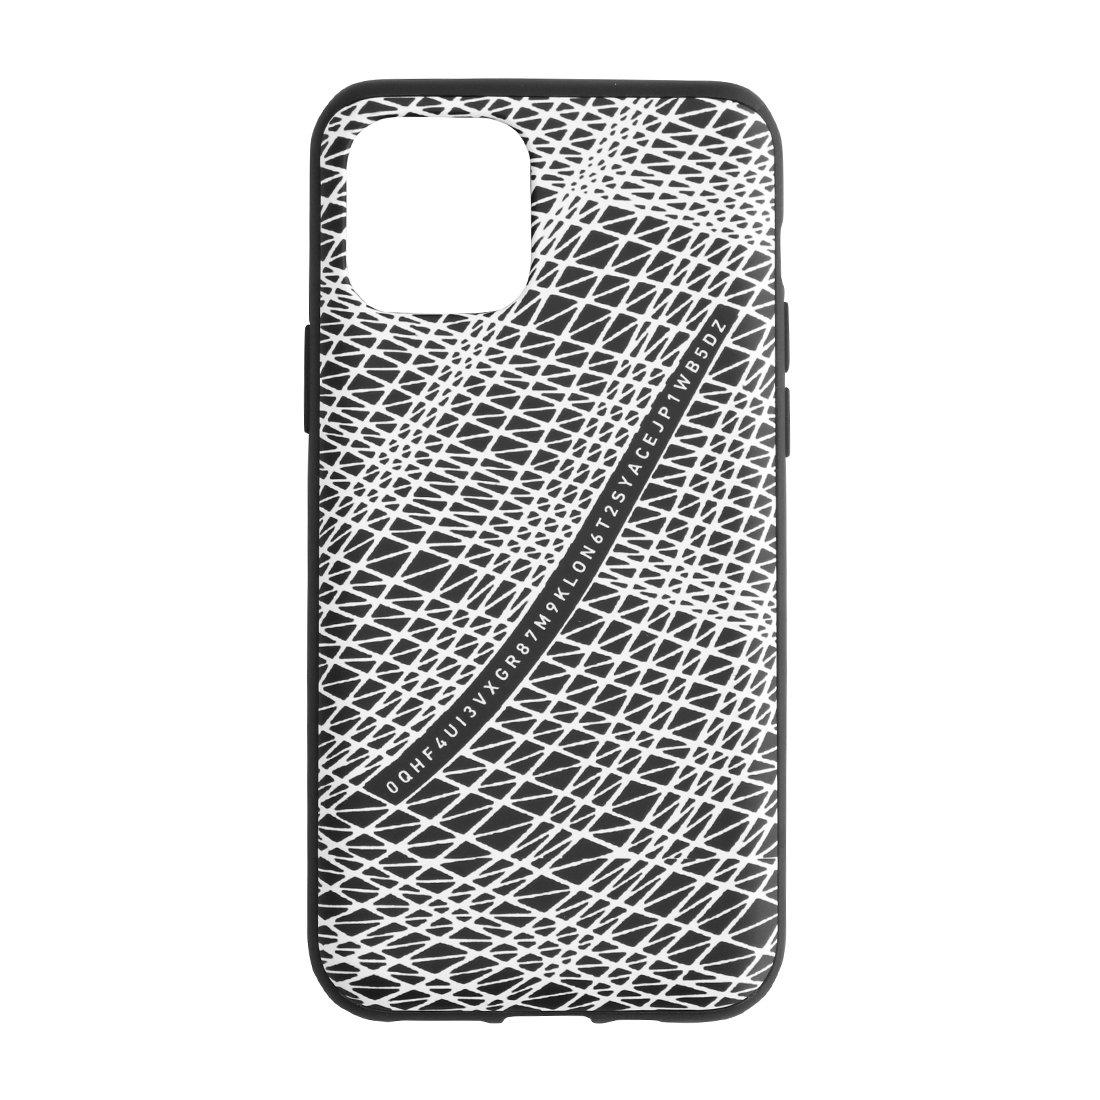 KLON / ISAMONYO SLIDE iPhone CASE -Conifer-